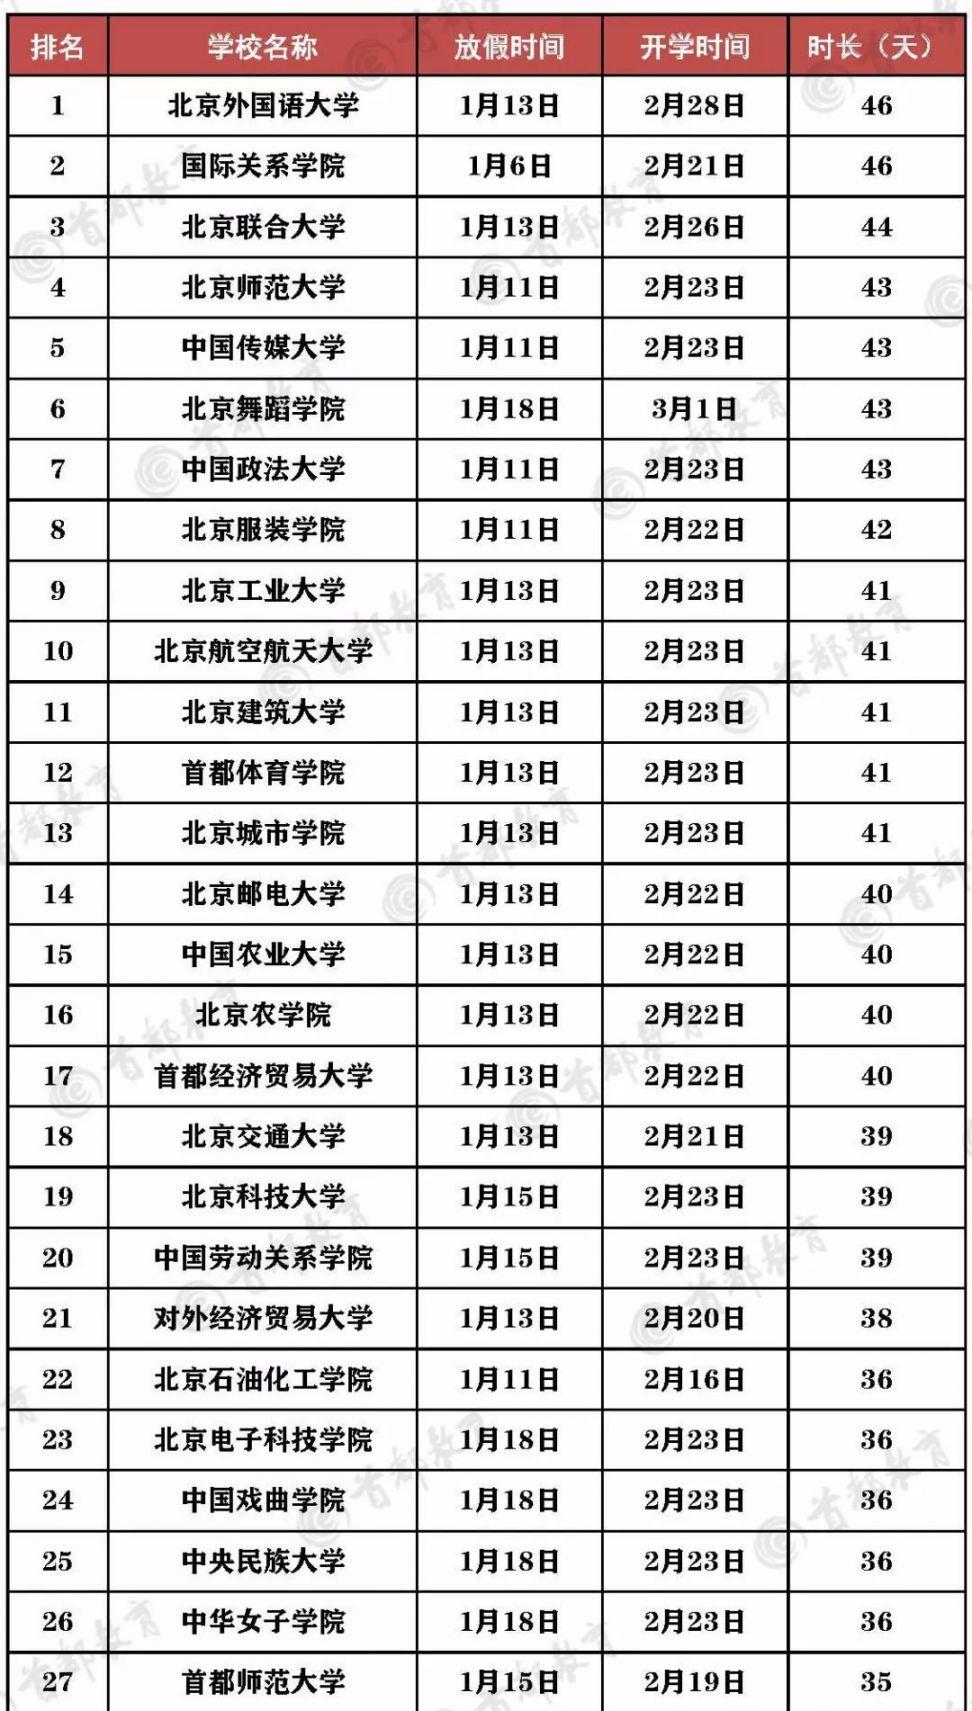 2020北京部分高校寒假放假时间排行榜